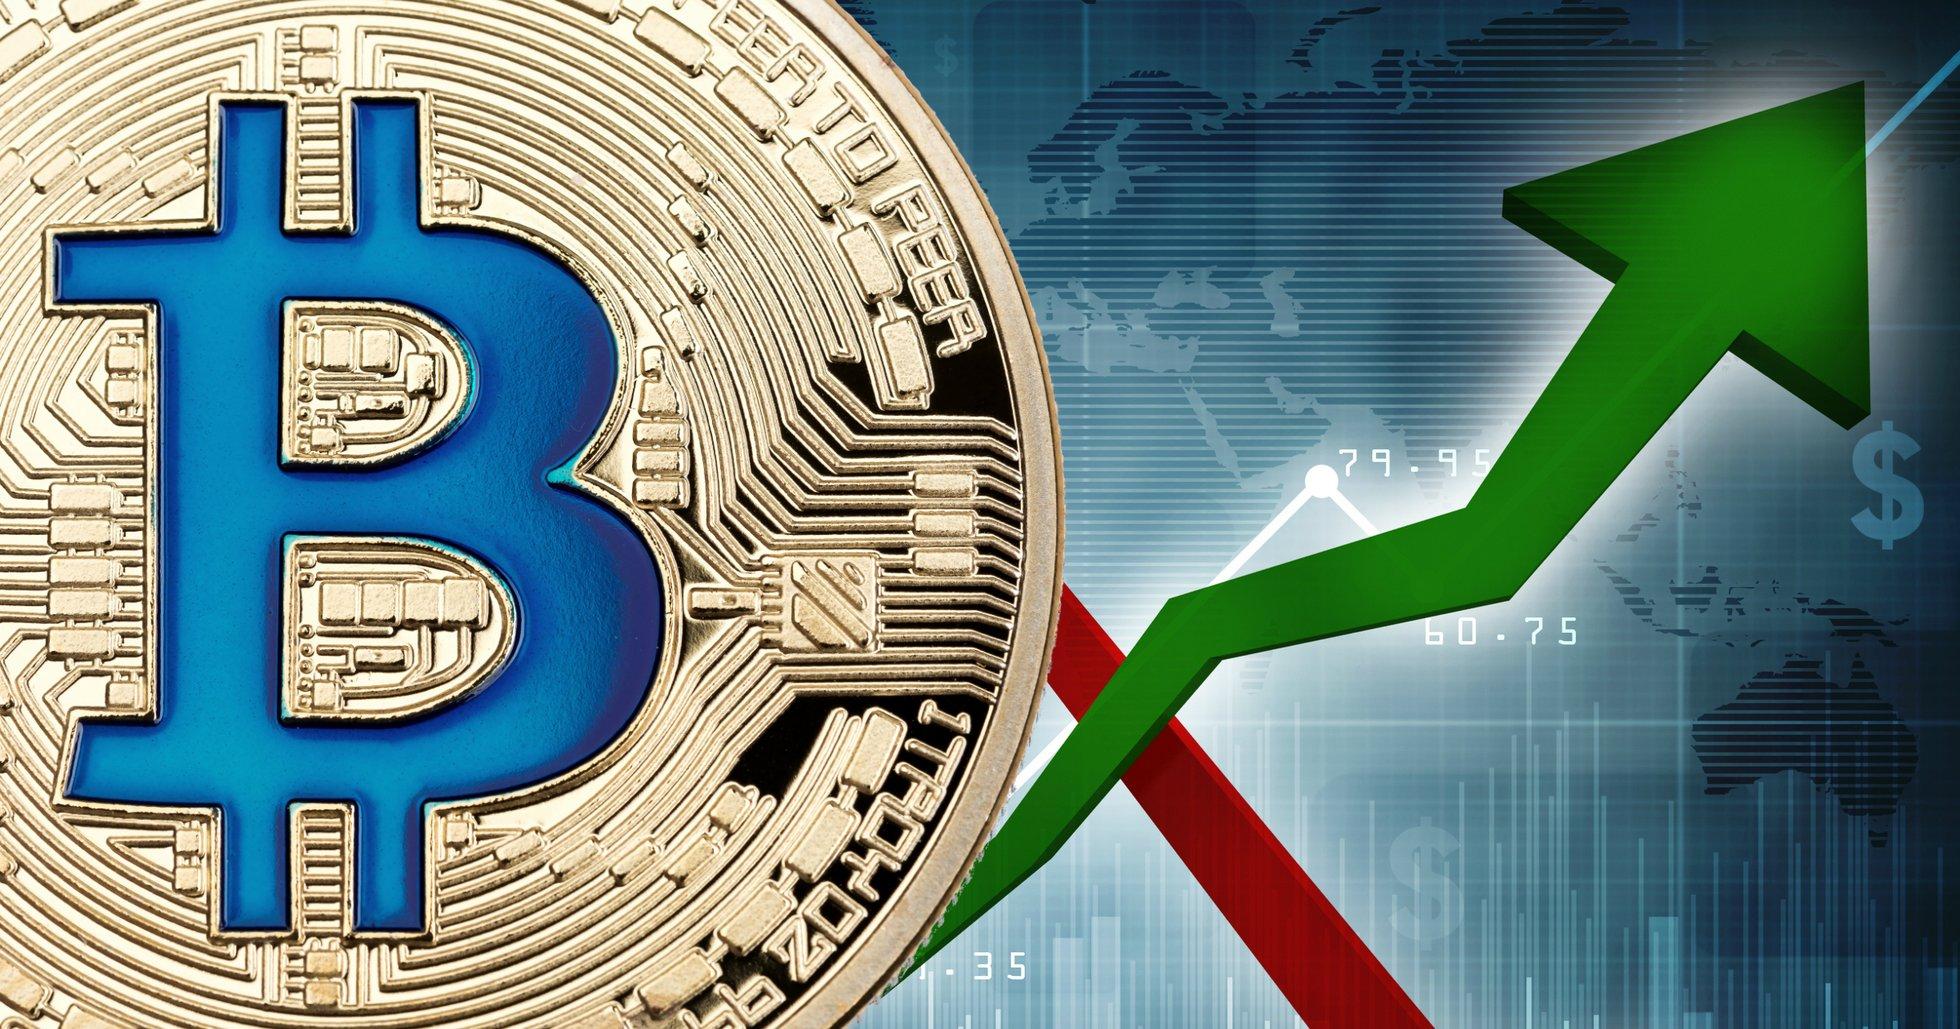 Bitcoinpriset tar ny fart uppåt – har stigit över 10 procent sedan i går.